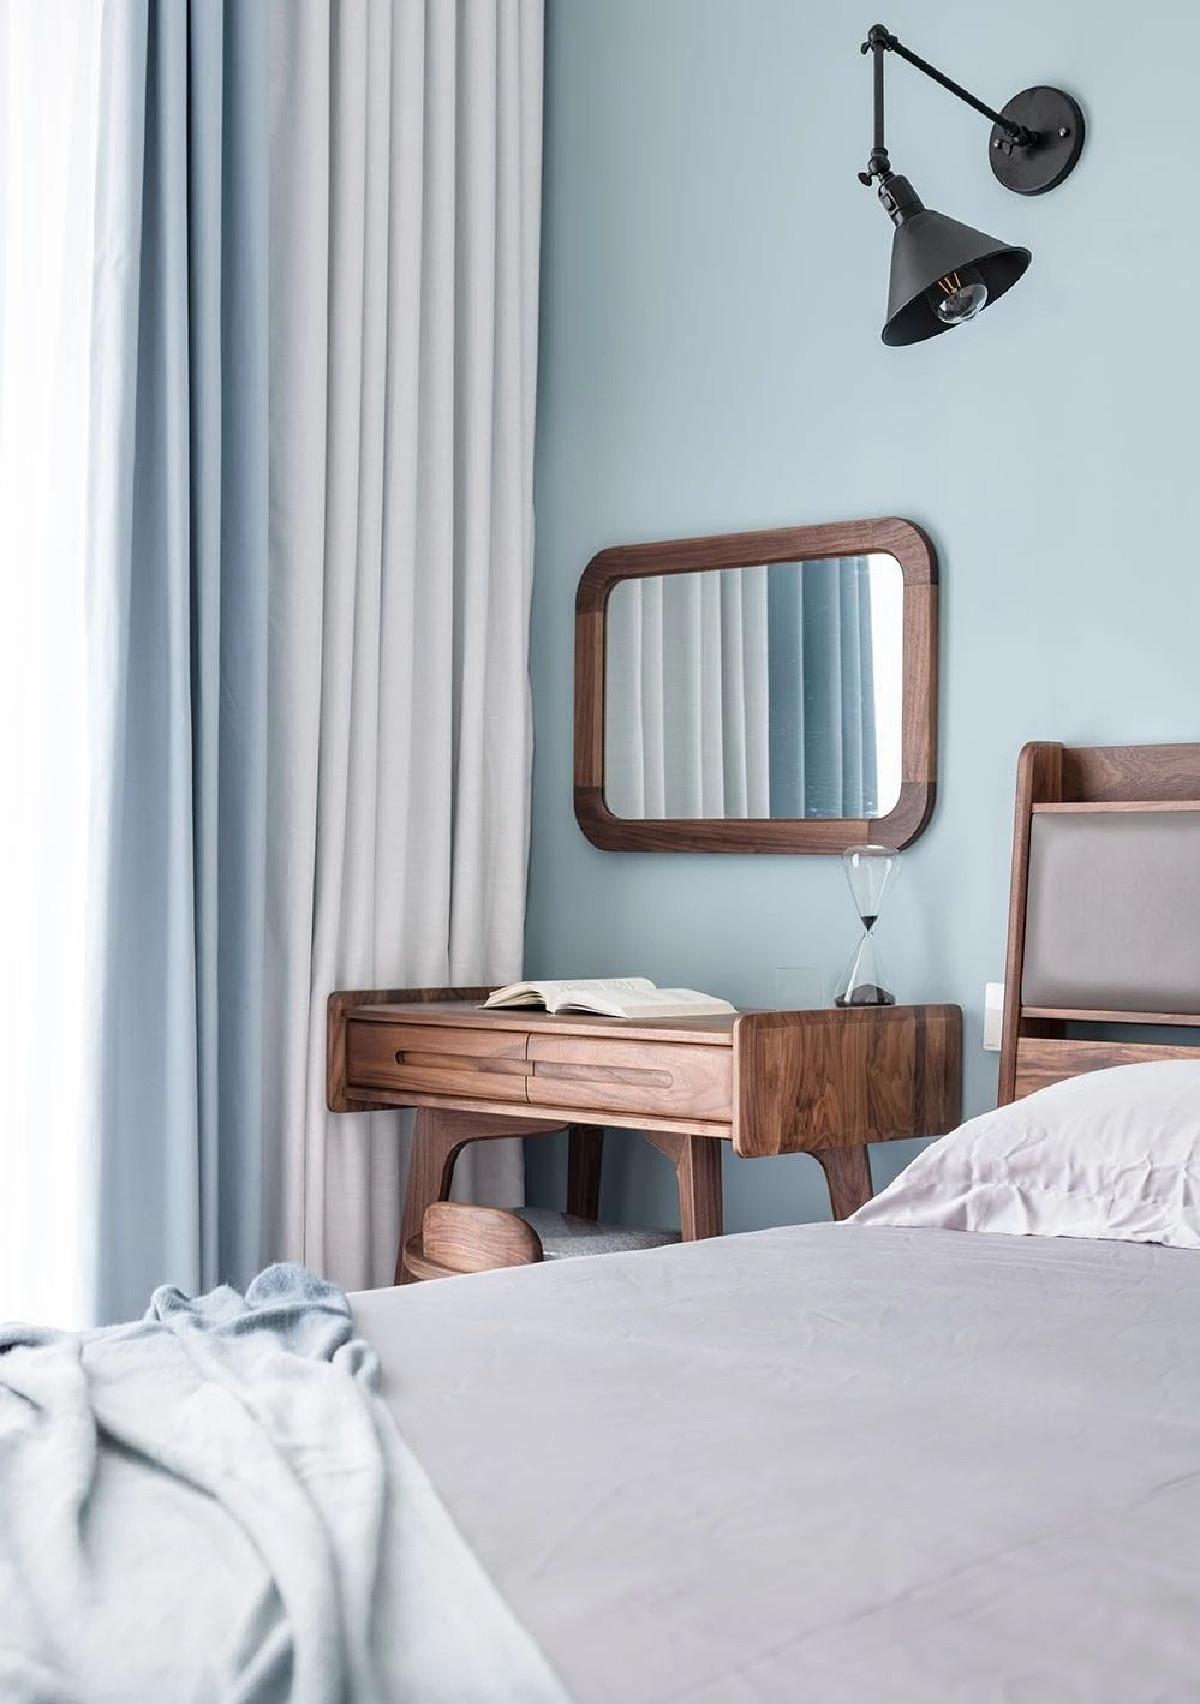 床边设置梳妆区,取代床头柜功能,木色在蓝色背景的衬托下更显质朴质感